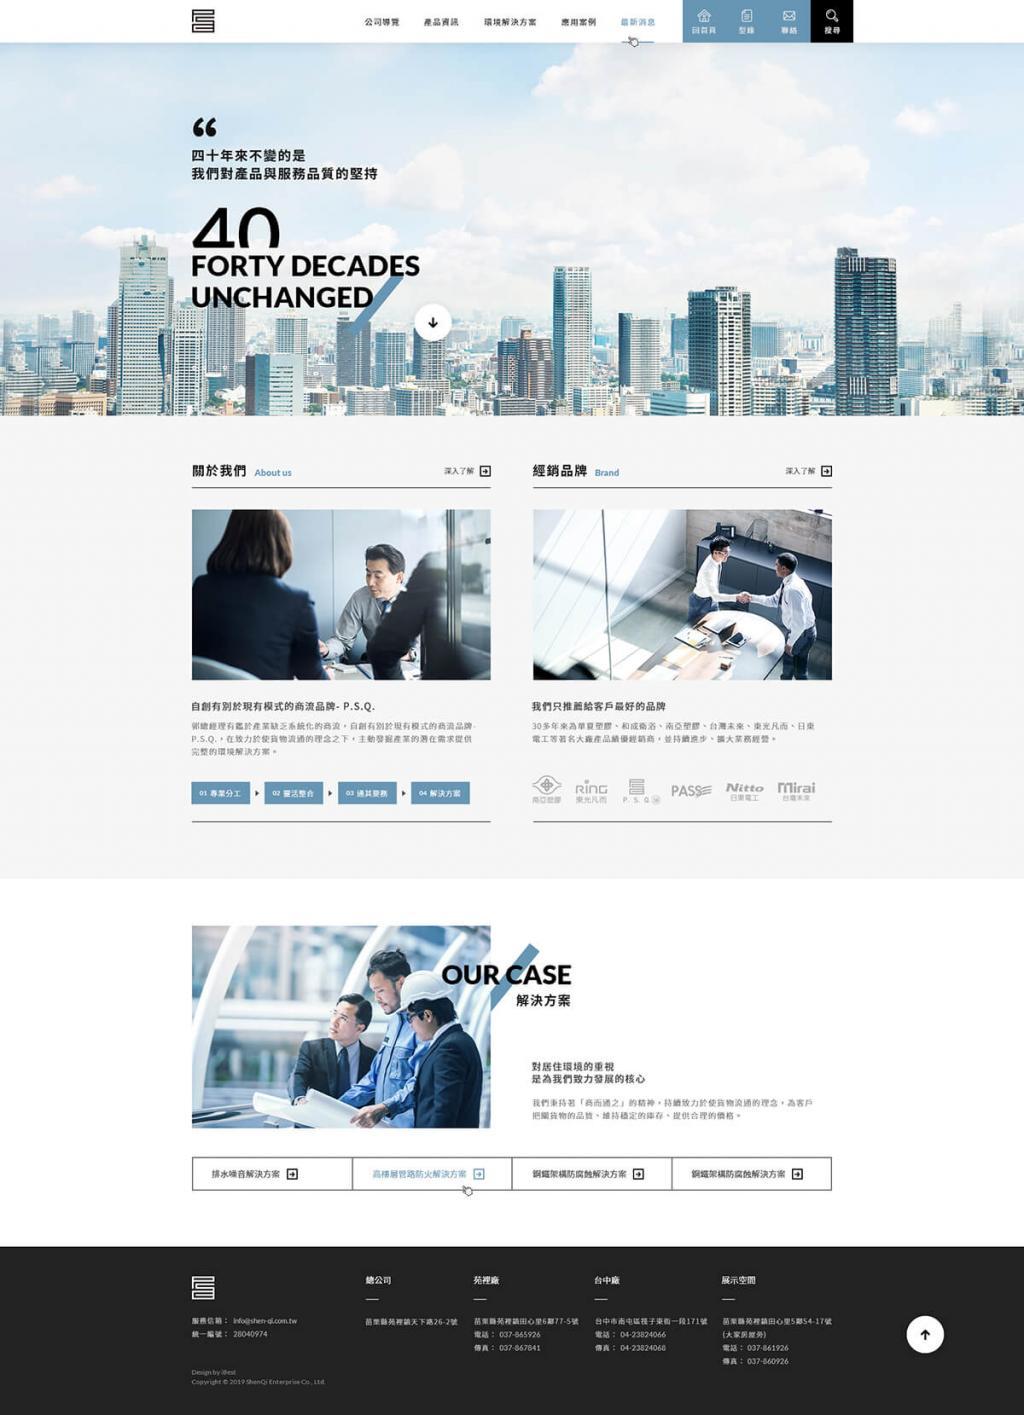 紳騏企業-網頁設計